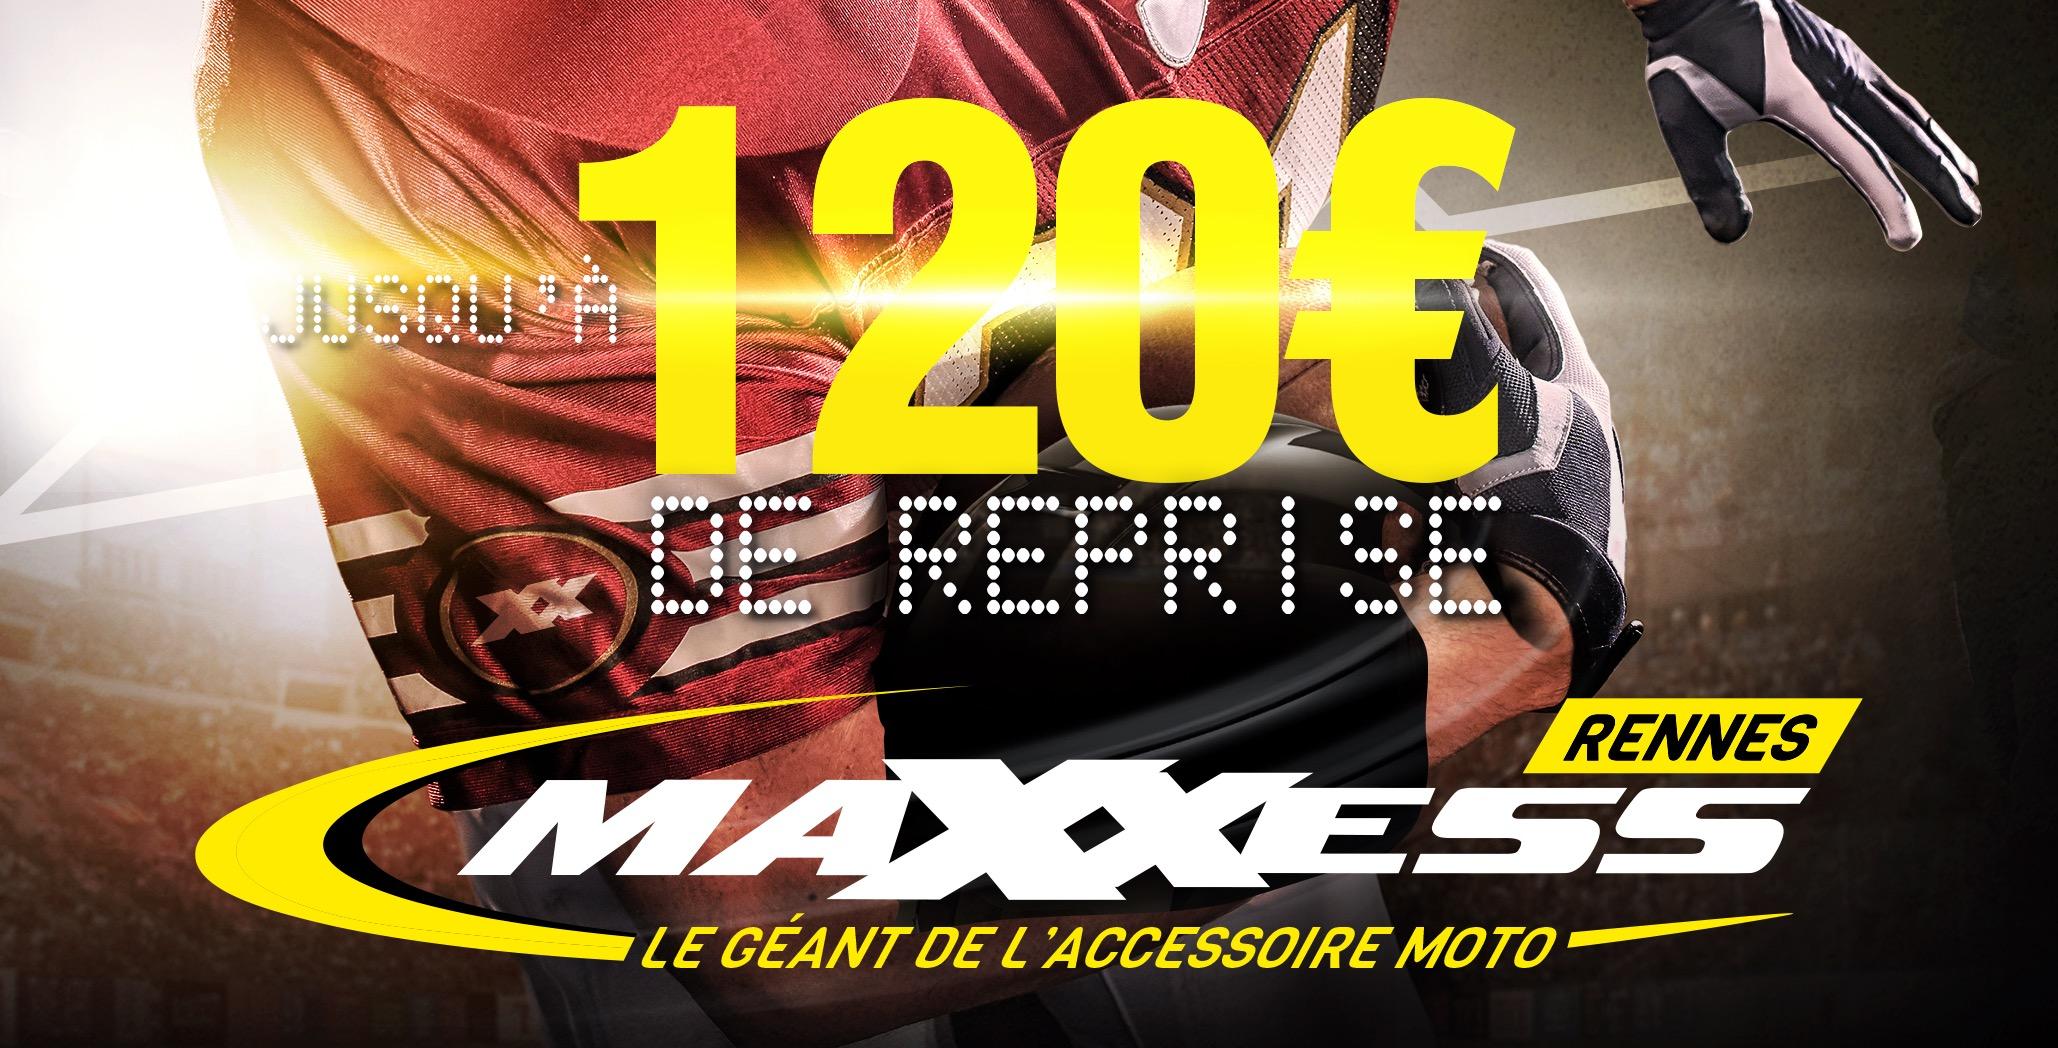 C'est La Reprise Casque, Vêtement Et Tout-terrain Chez MAXXESS Rennes